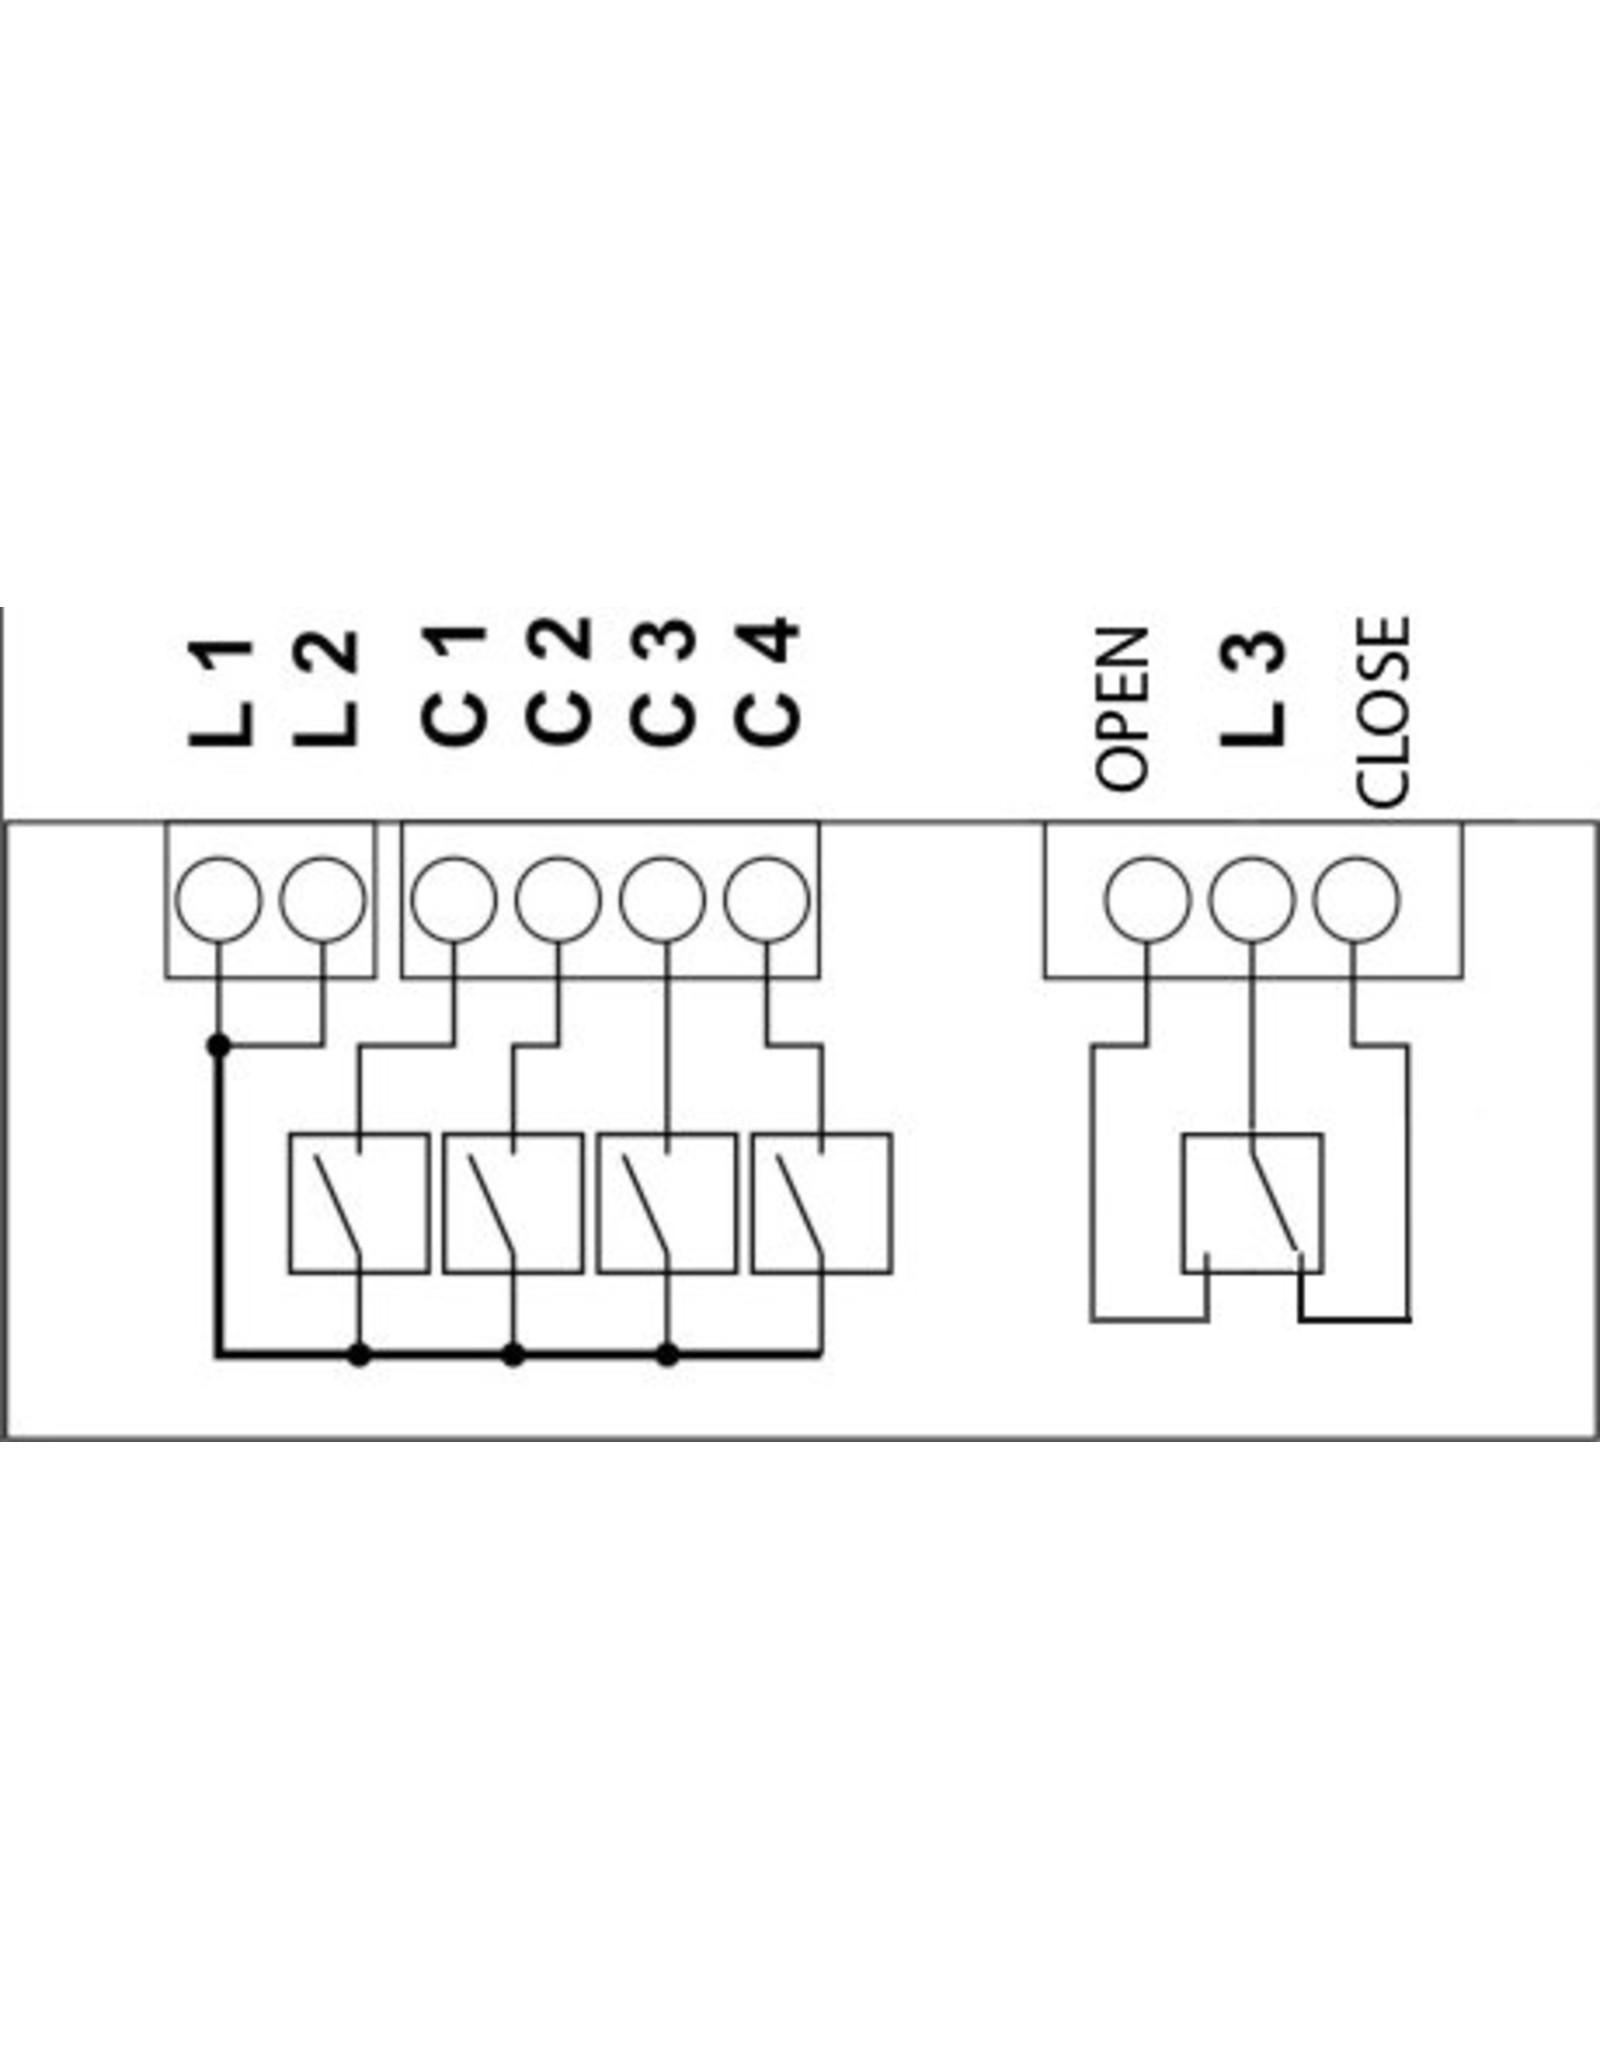 Larnitech DW-HT05 - 5-kanaals uitbreidingsmodule voor Metaforsa